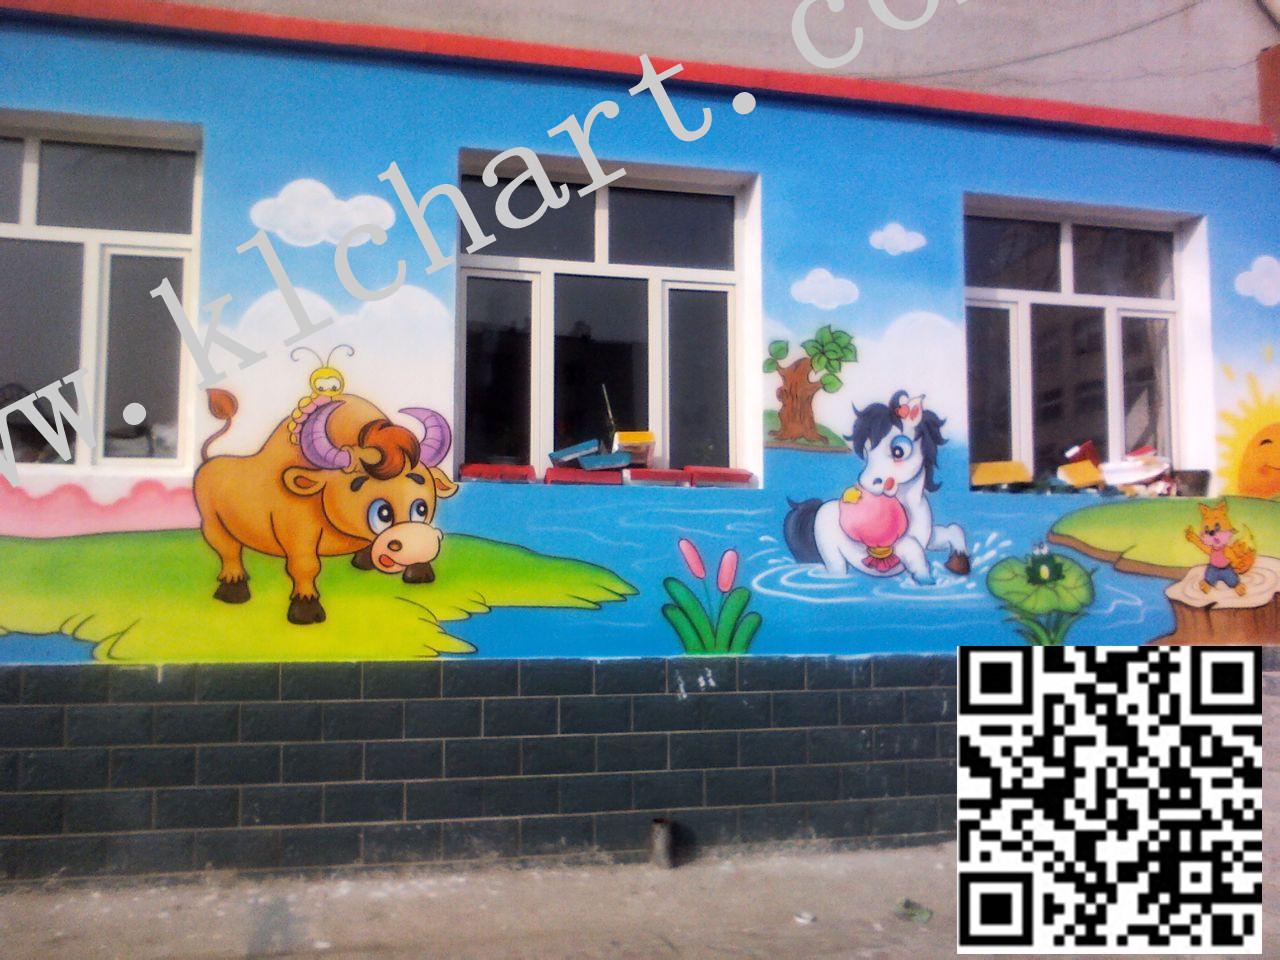 凯里幼儿园手绘墙画,凯里幼儿园手绘墙画价格